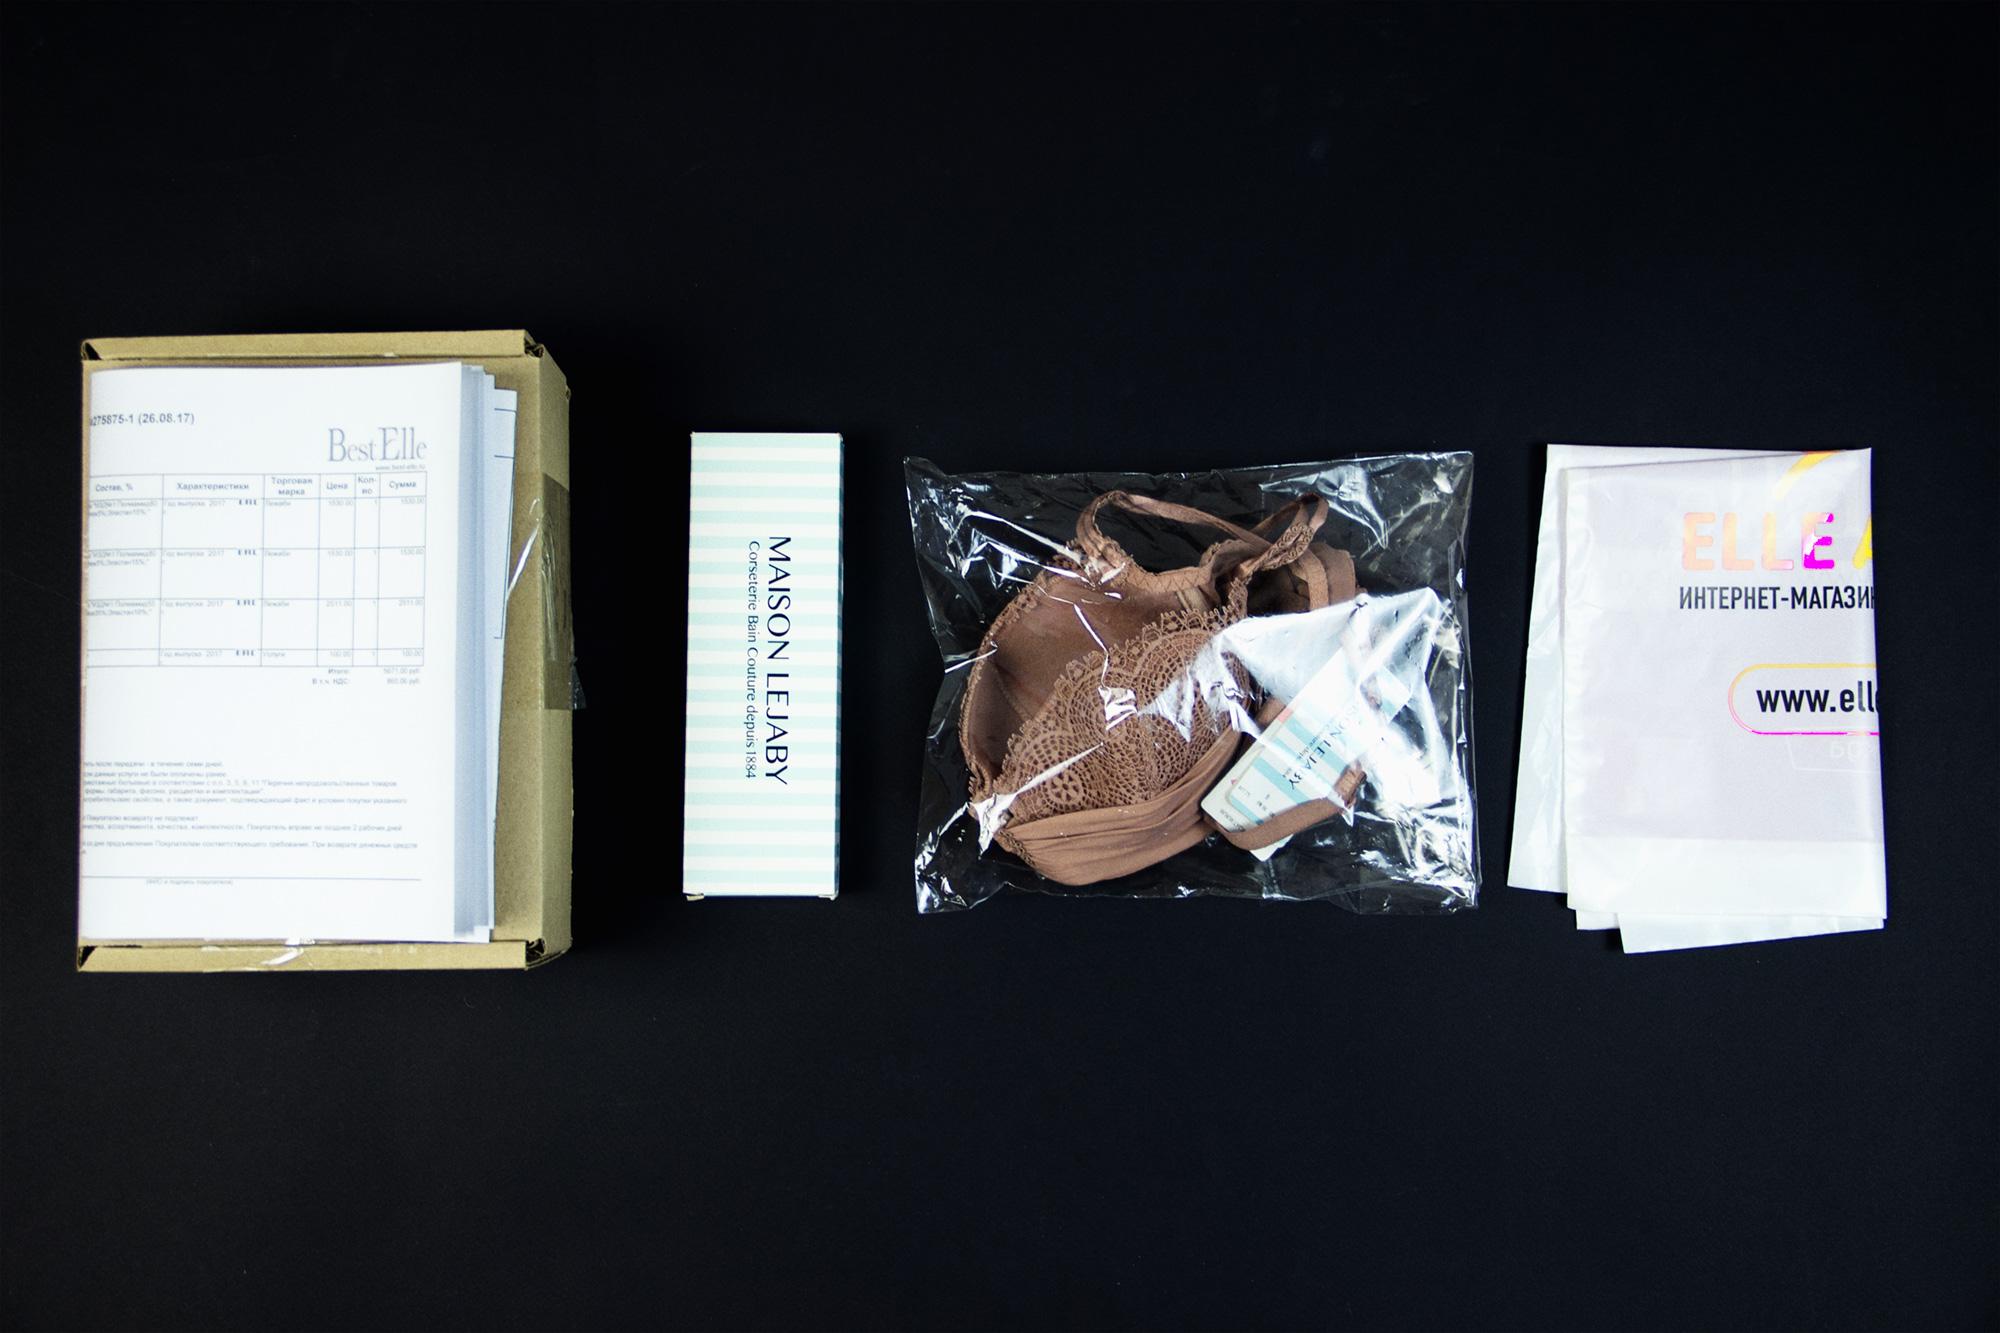 Обзор магазина с нижним бельем Best-elle. 70% скидки на Maison Lejaby